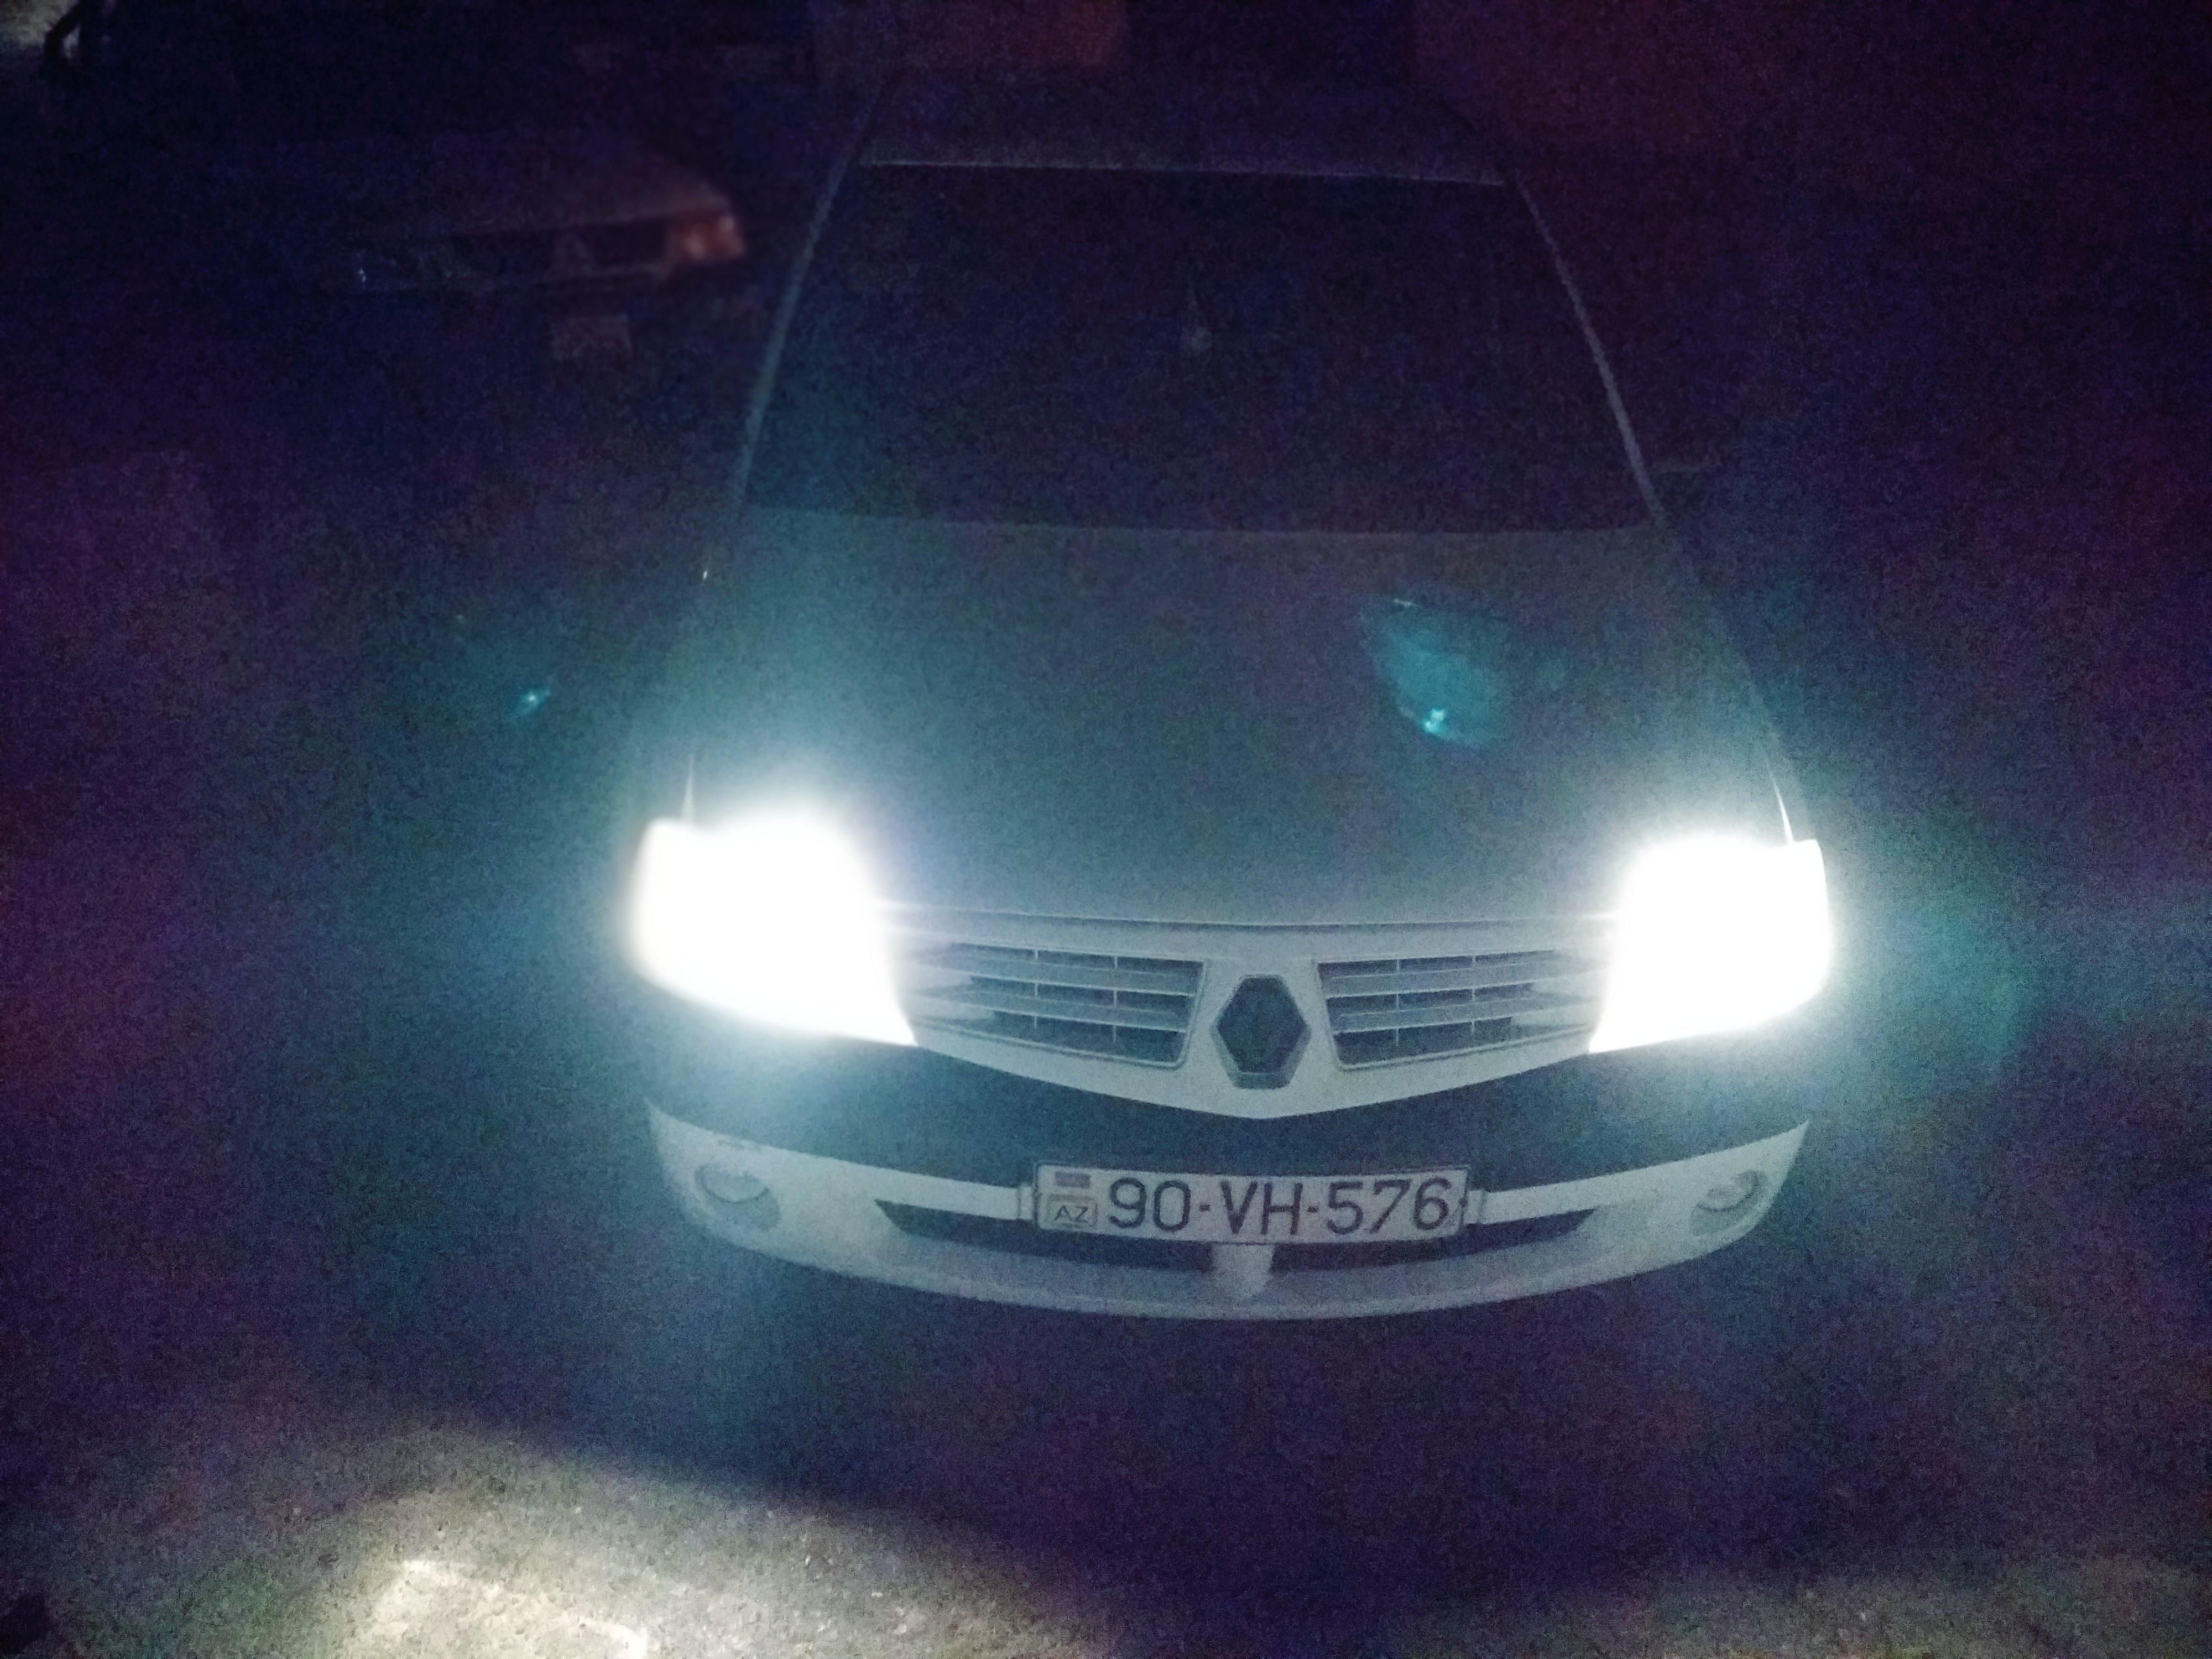 Renault Tondar 1.6(lt) 2012 İkinci əl  $8300